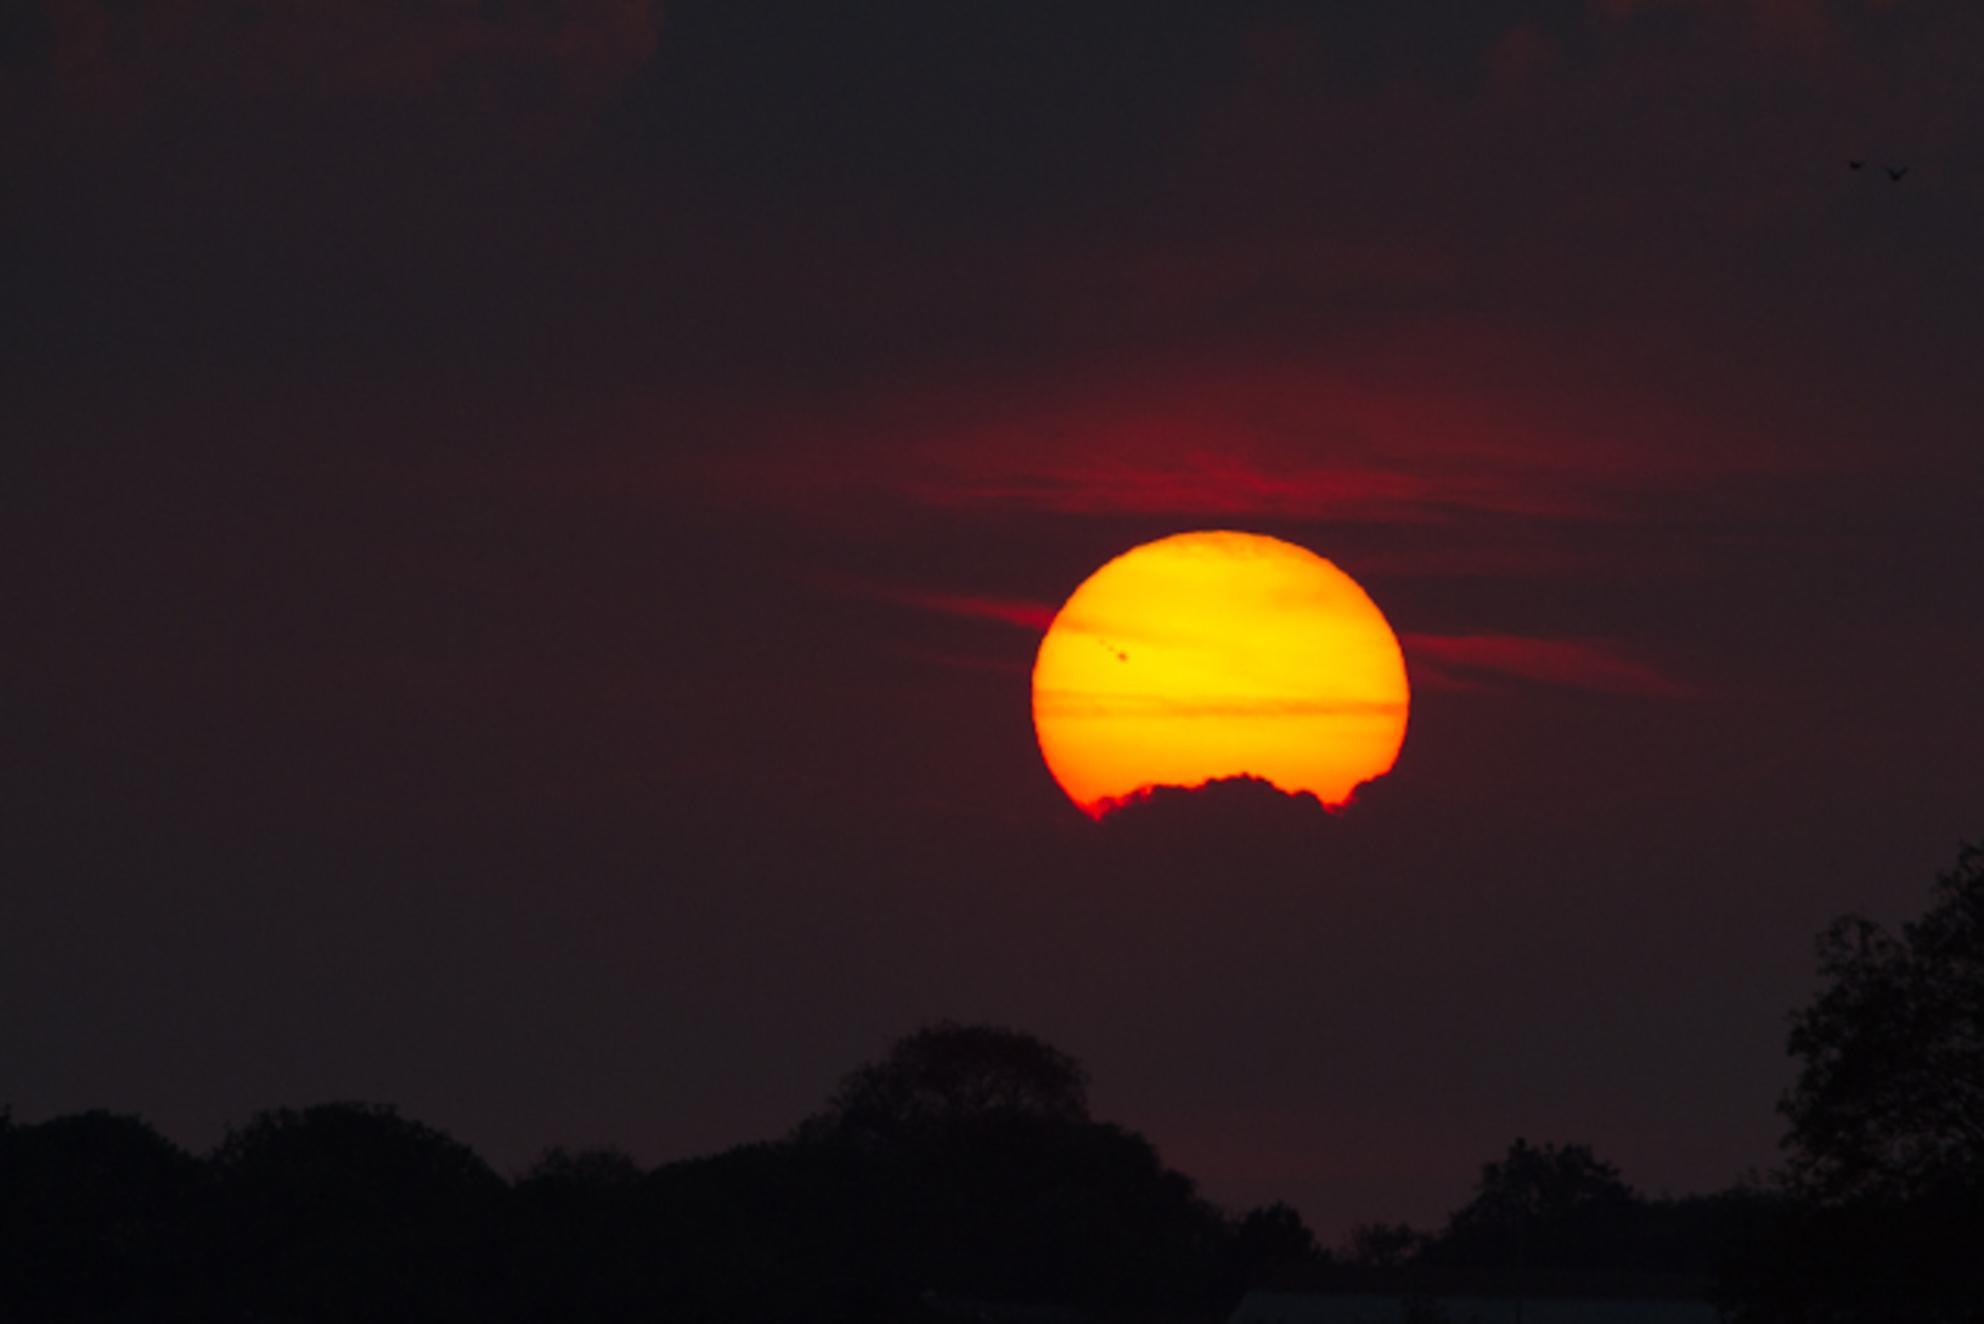 Zon - Zonsondergang in de polder - foto door dumontwj op 25-09-2011 - deze foto bevat: sunset, zonsondergang